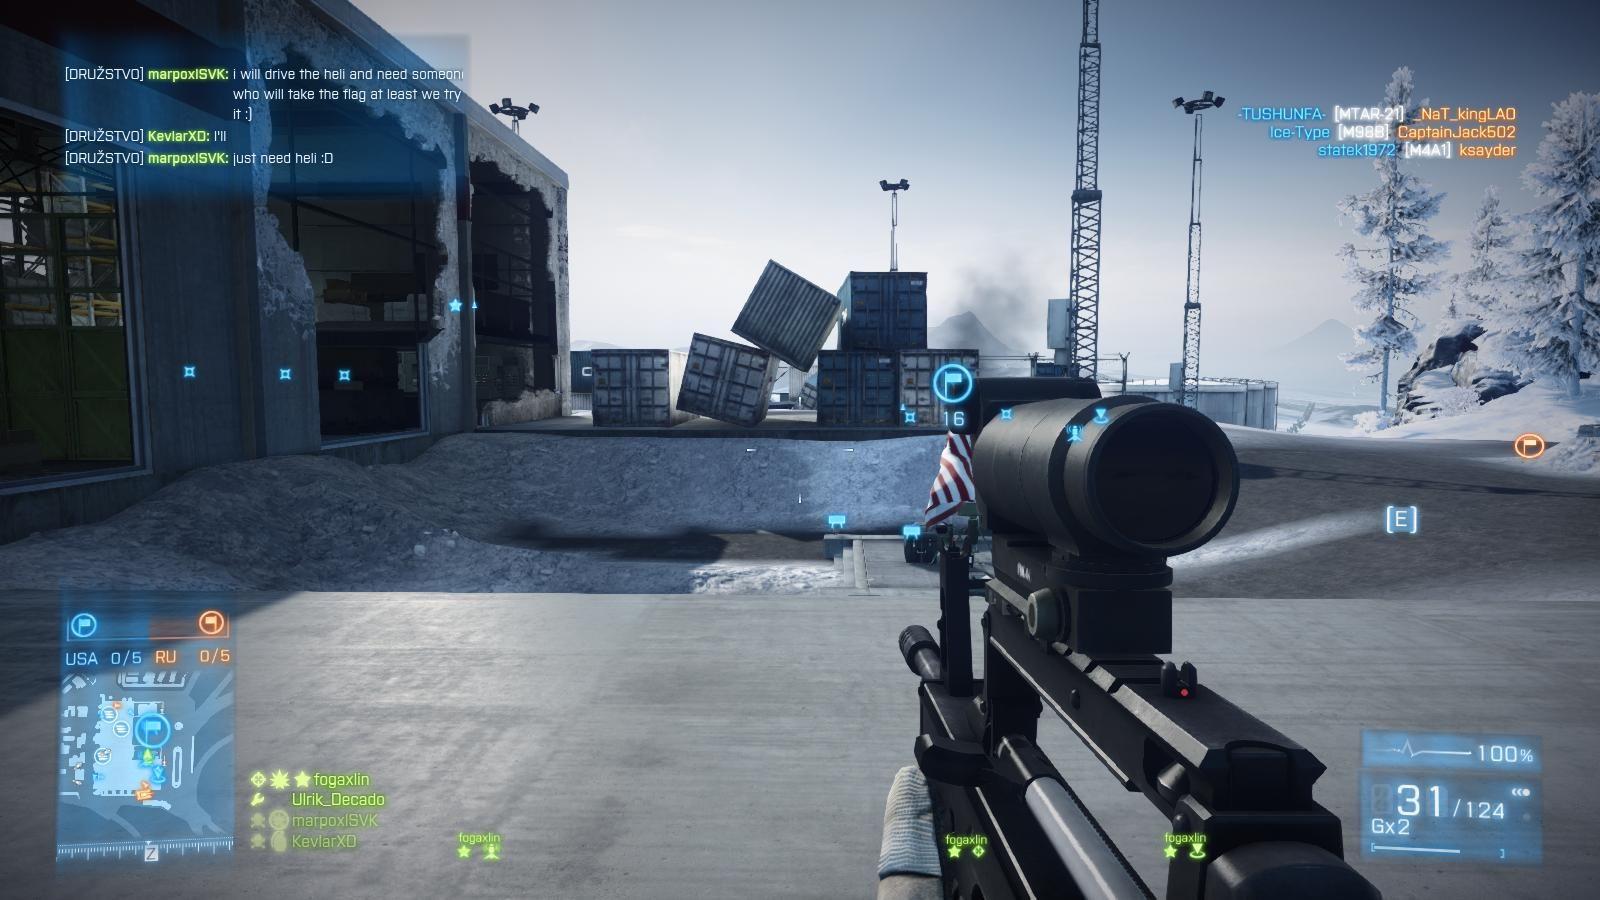 Letošní Battlefield se má inspirovat populární trojkou. Prý vyjde i na starých konzolích